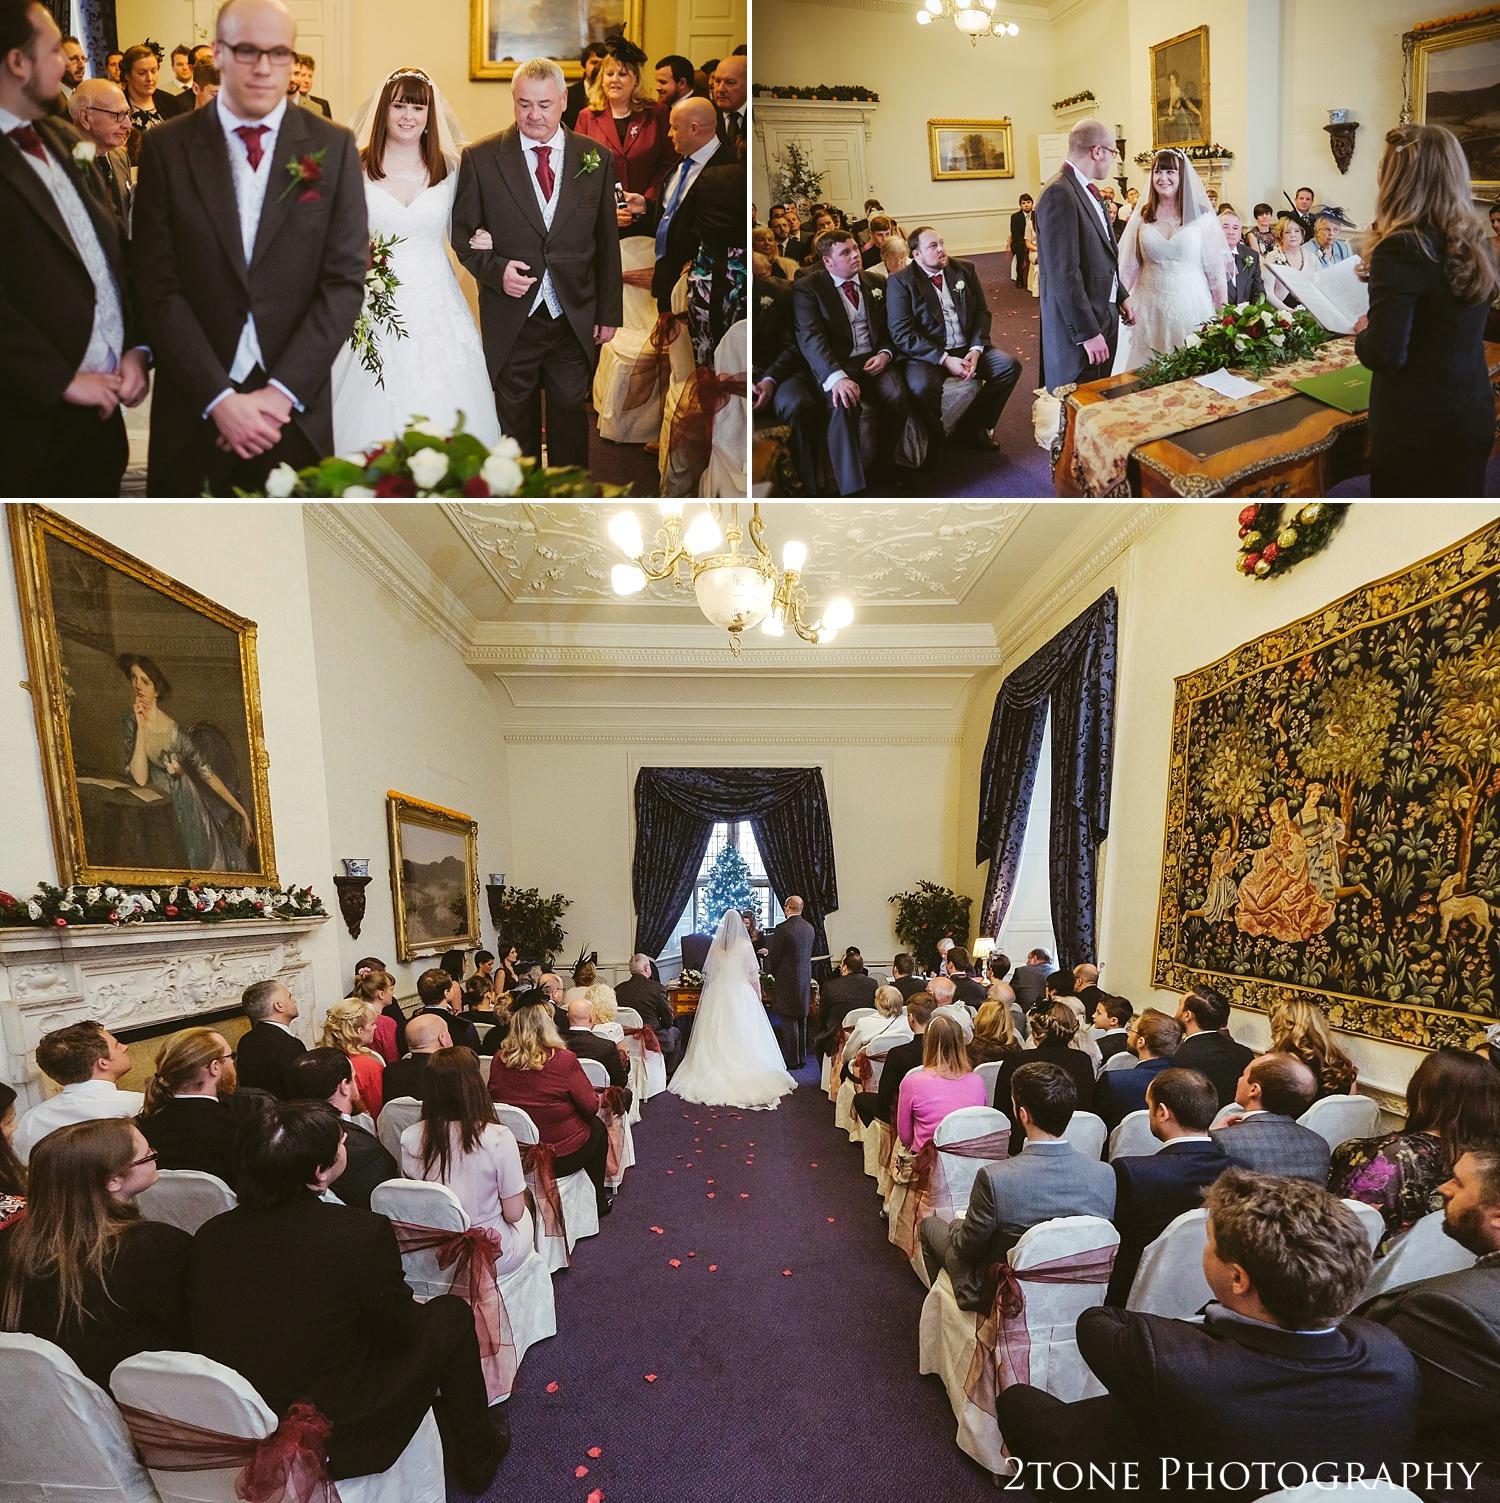 Lumley Castle wedding www.2tonephotgraphy.co.uk 010.jpg